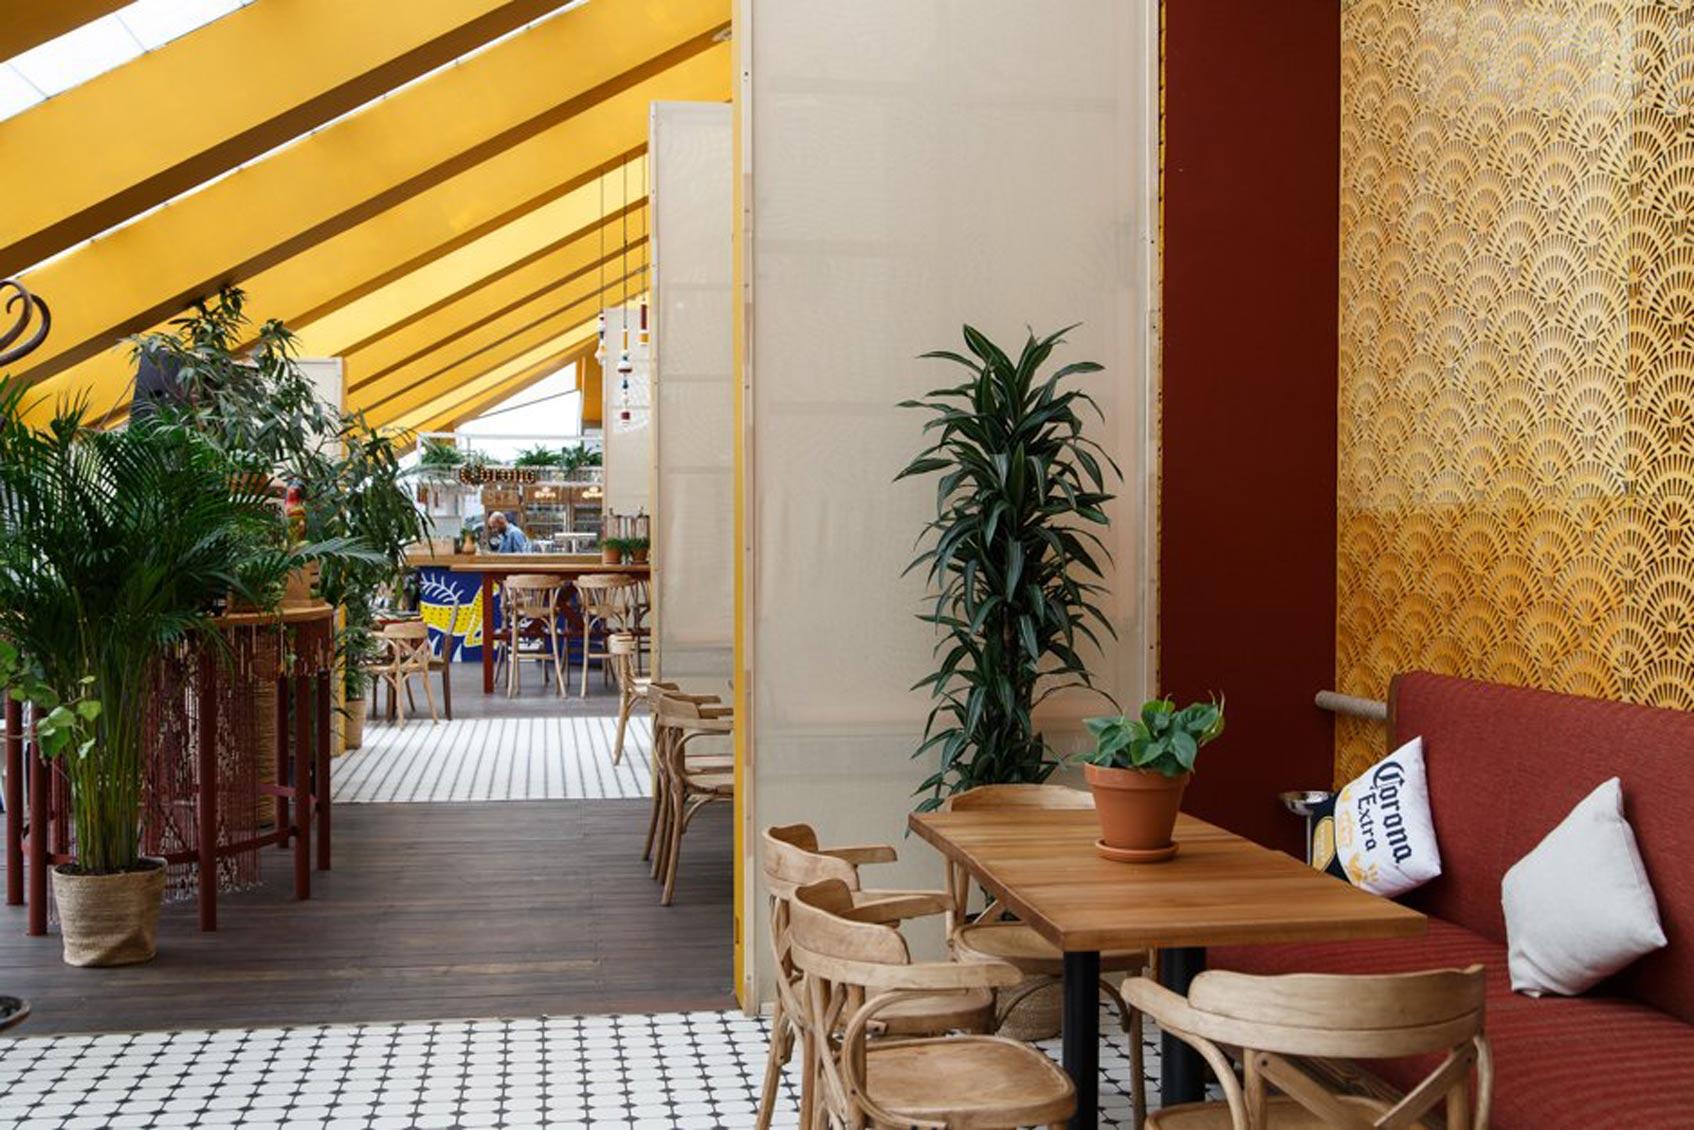 мексиканский ресторан Casa Corona